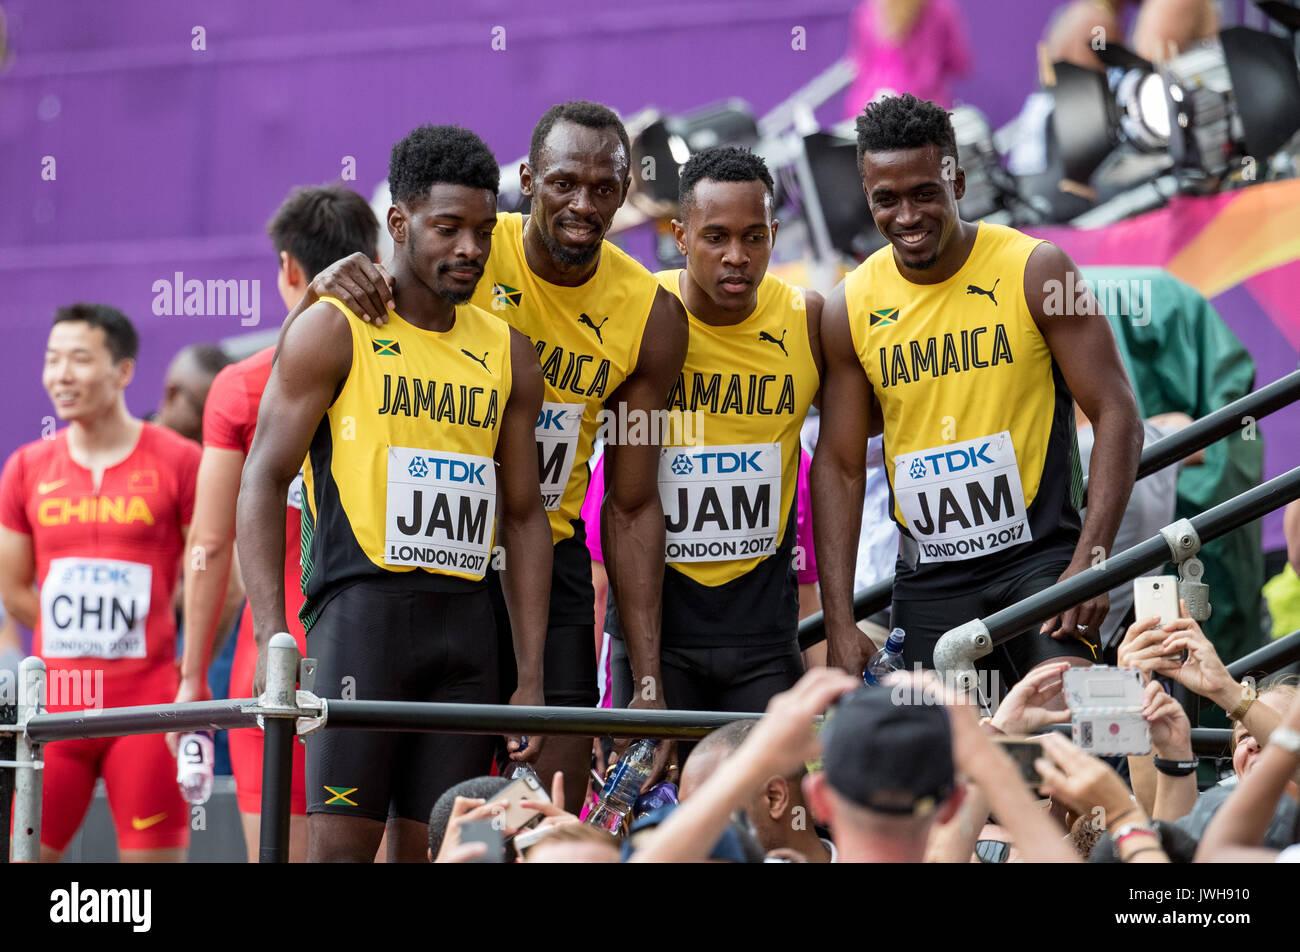 Londres, Reino Unido. 12 Aug, 2017. La Jamaica. . El día 9 en el Parque Olímpico, Londres, Inglaterra el 12 de agosto Foto de stock